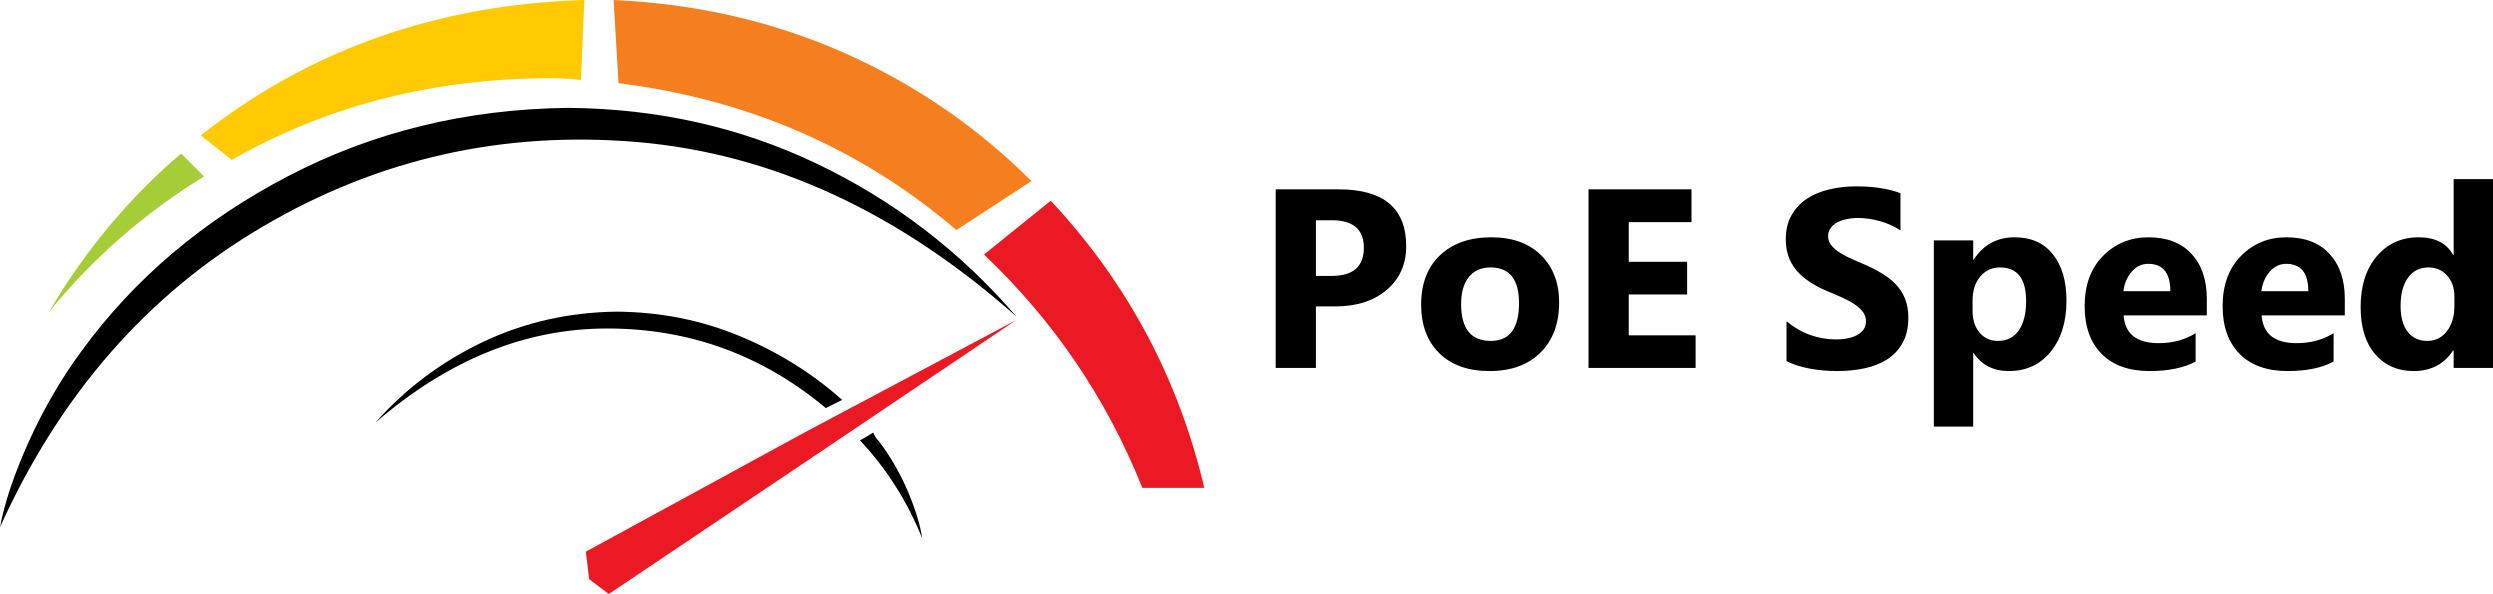 PoE Speed